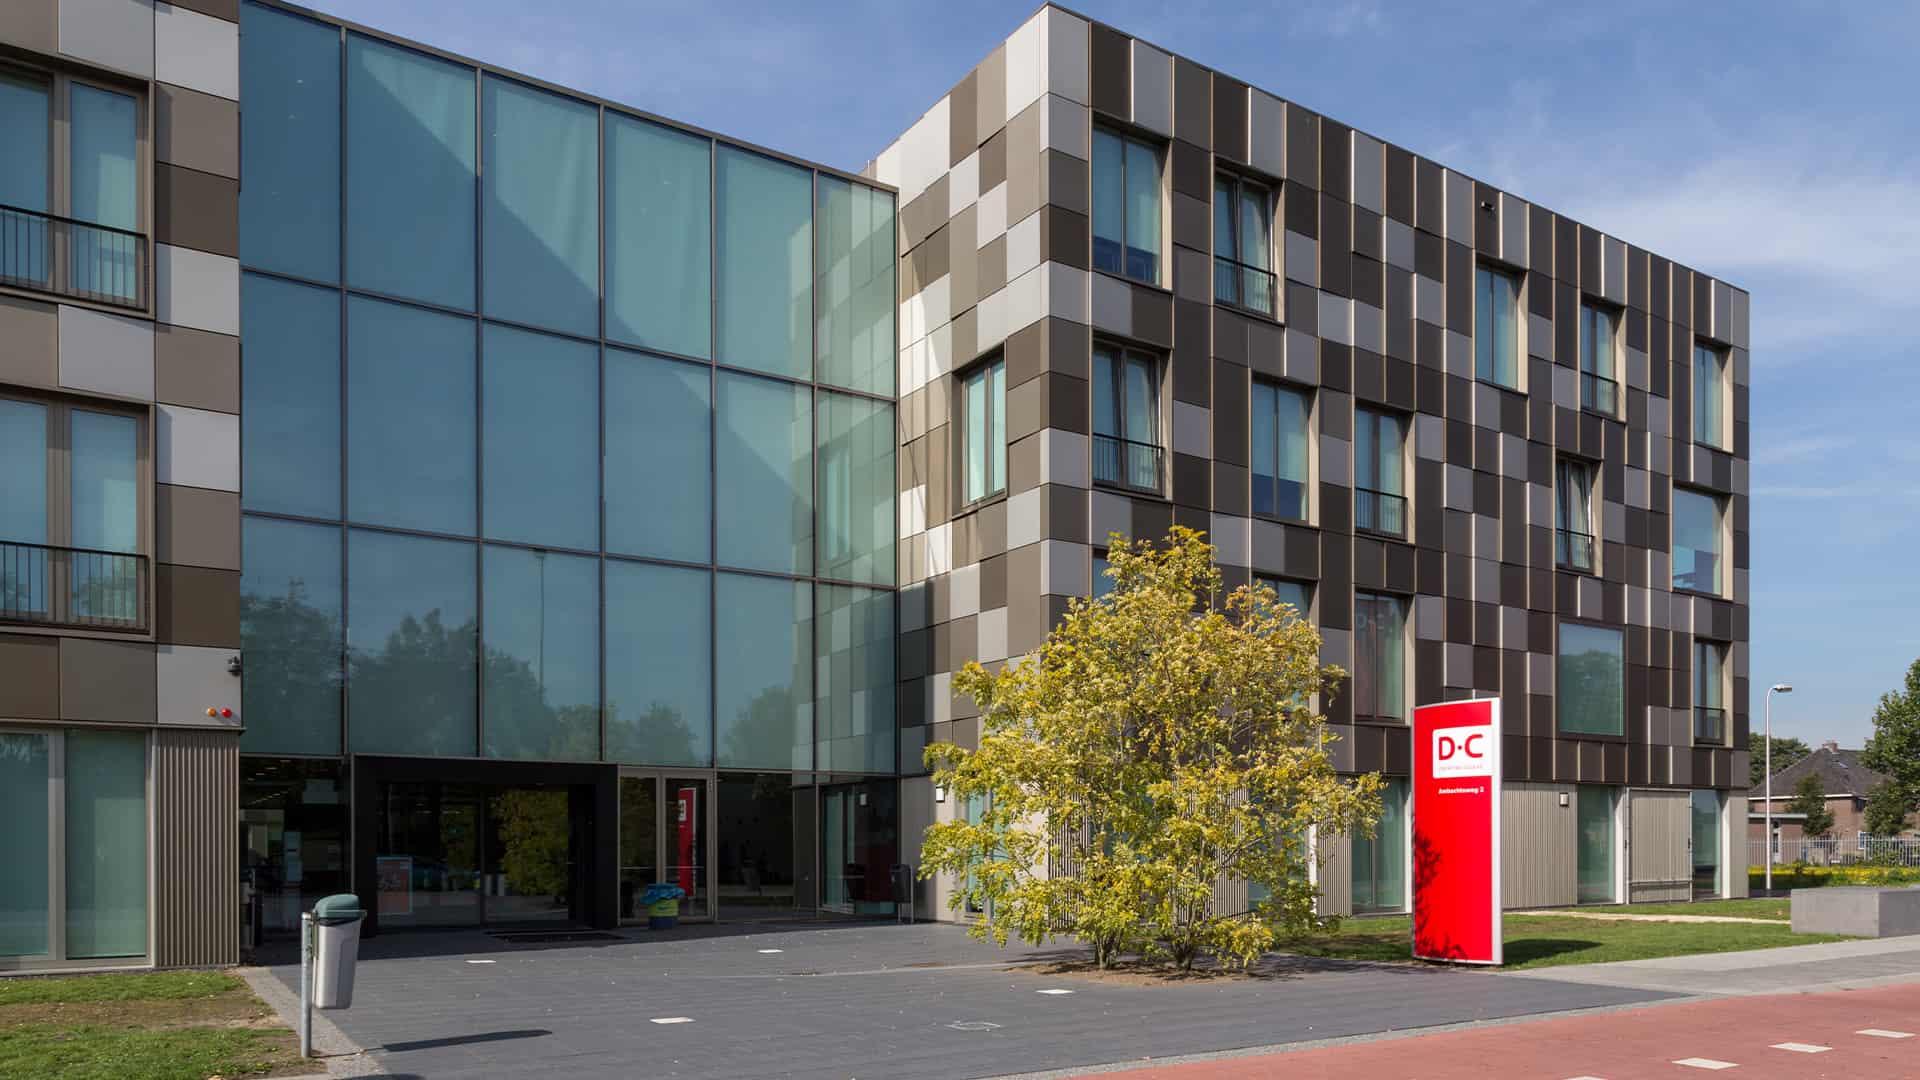 Drenthe College Meppel hoge resolutie